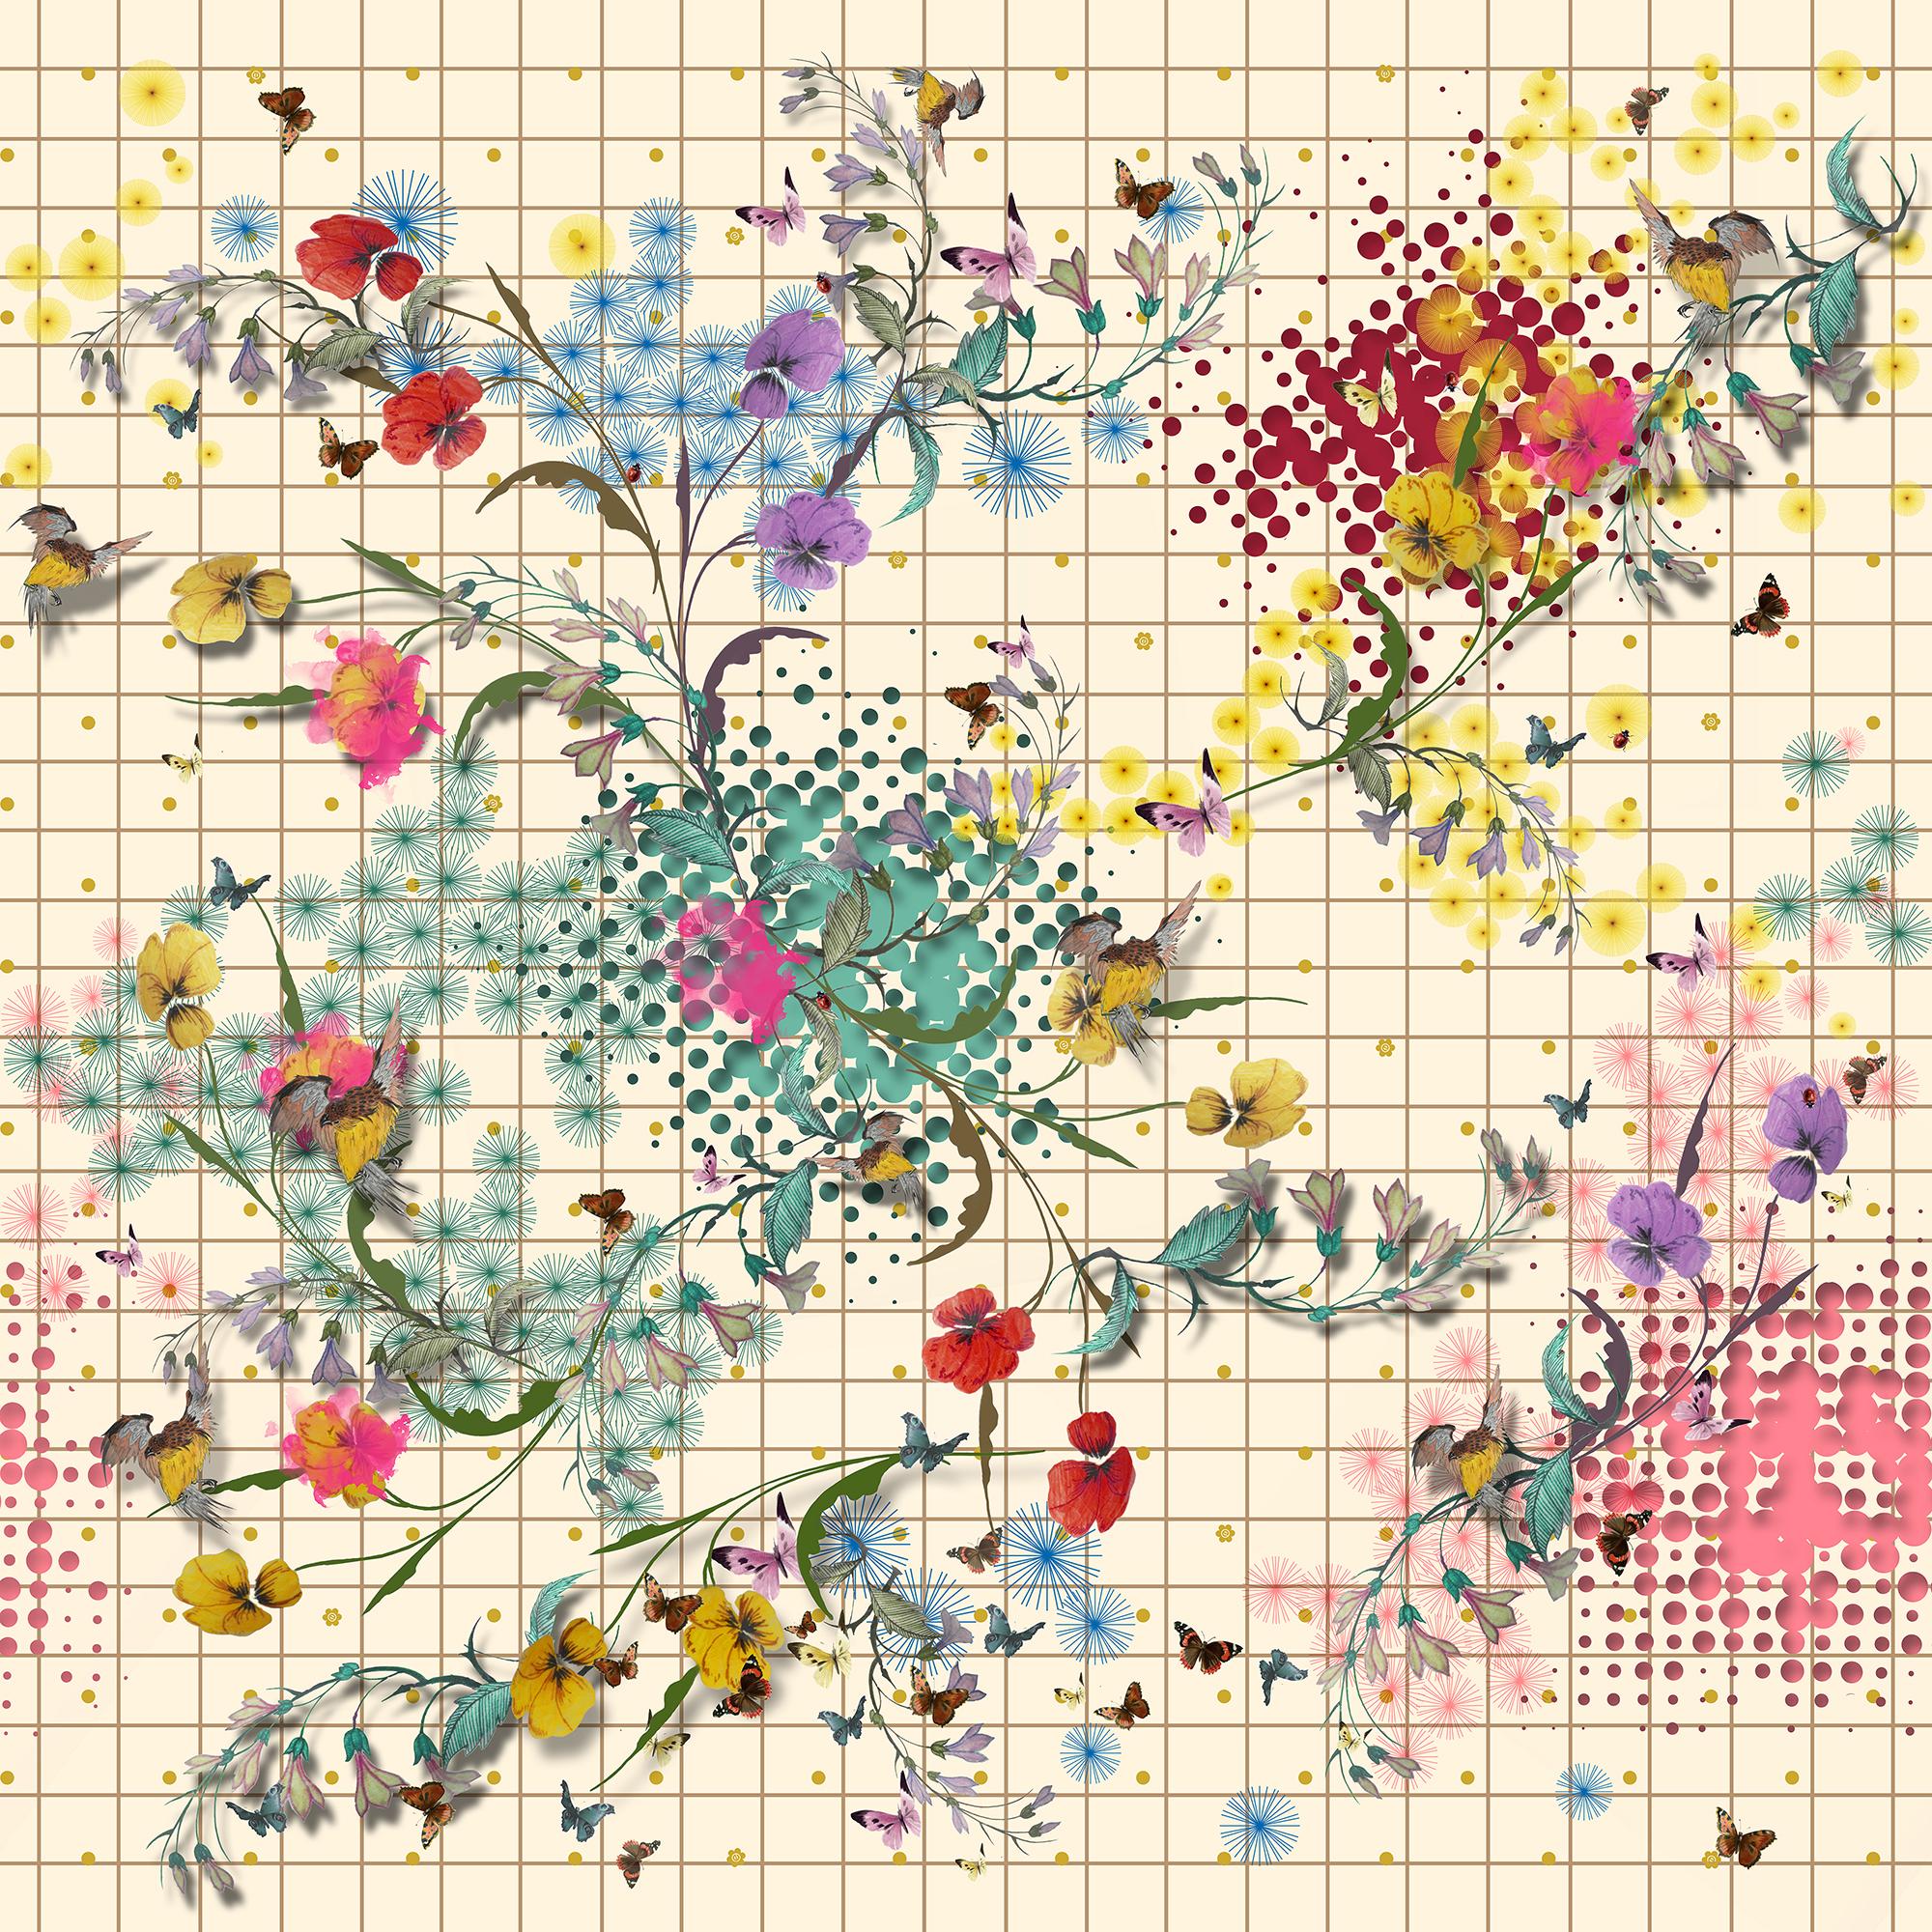 Fabric Design Nieuw Leids Laken #3